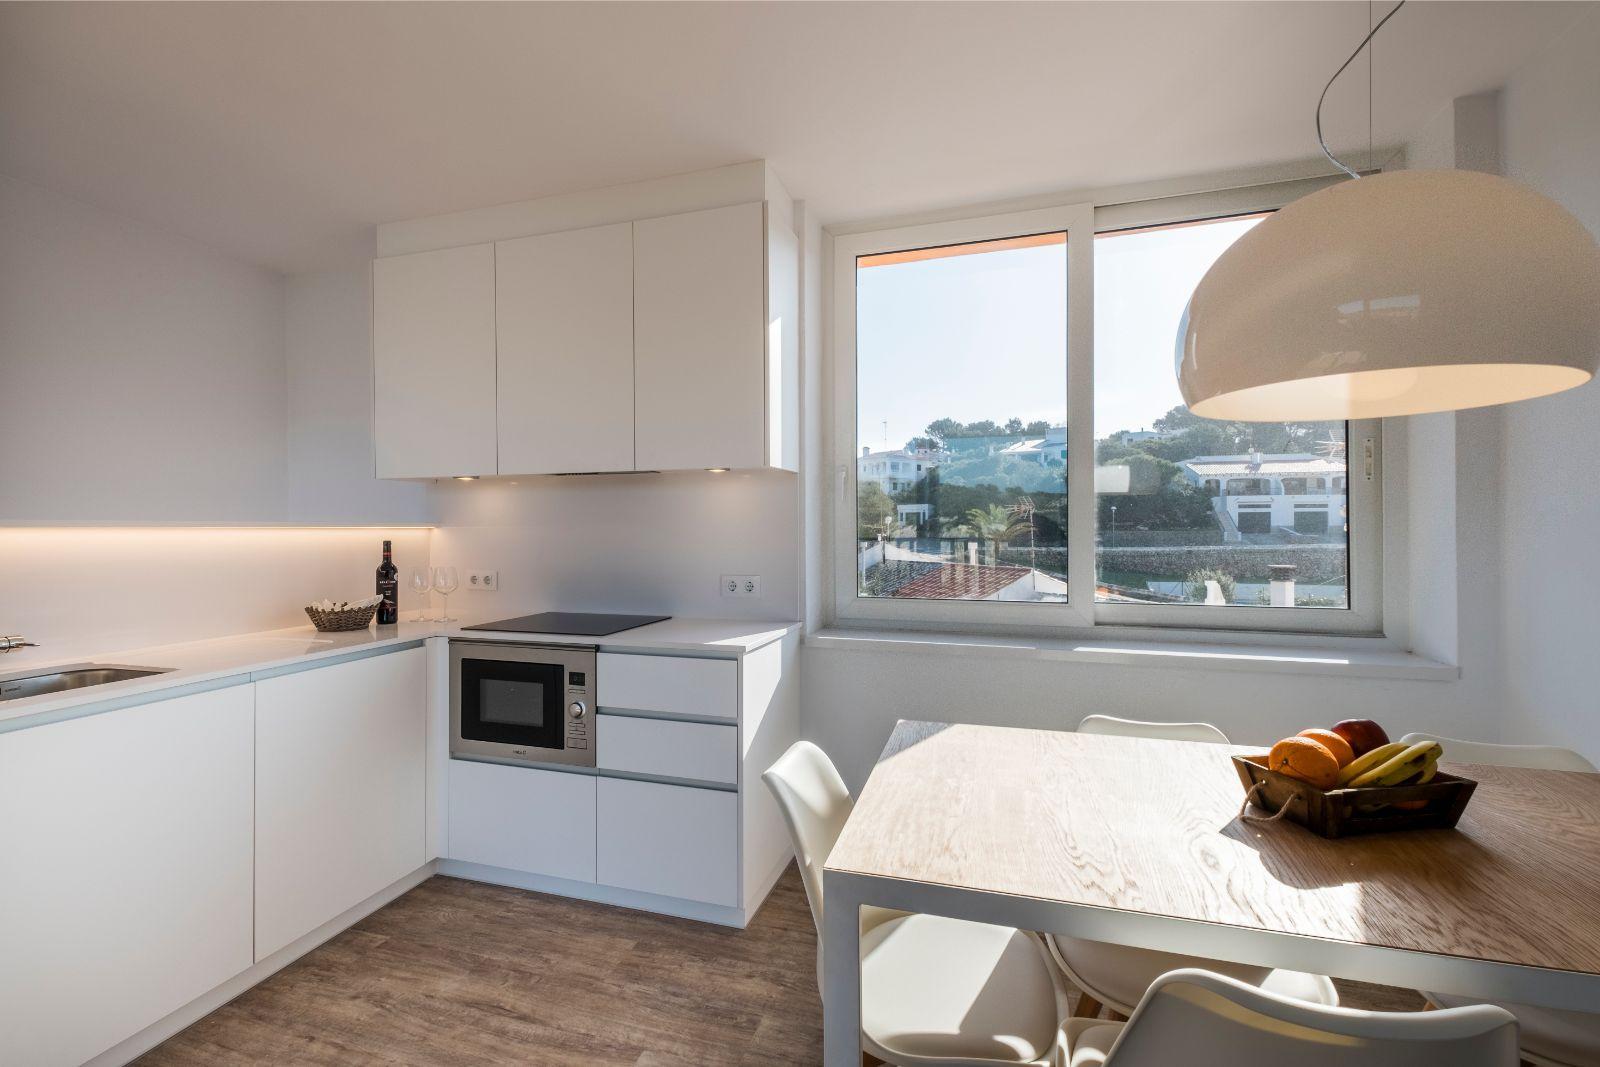 Apartamento de 2 dormitorios con vistas al mar - Apartamentos Playa de Canutells